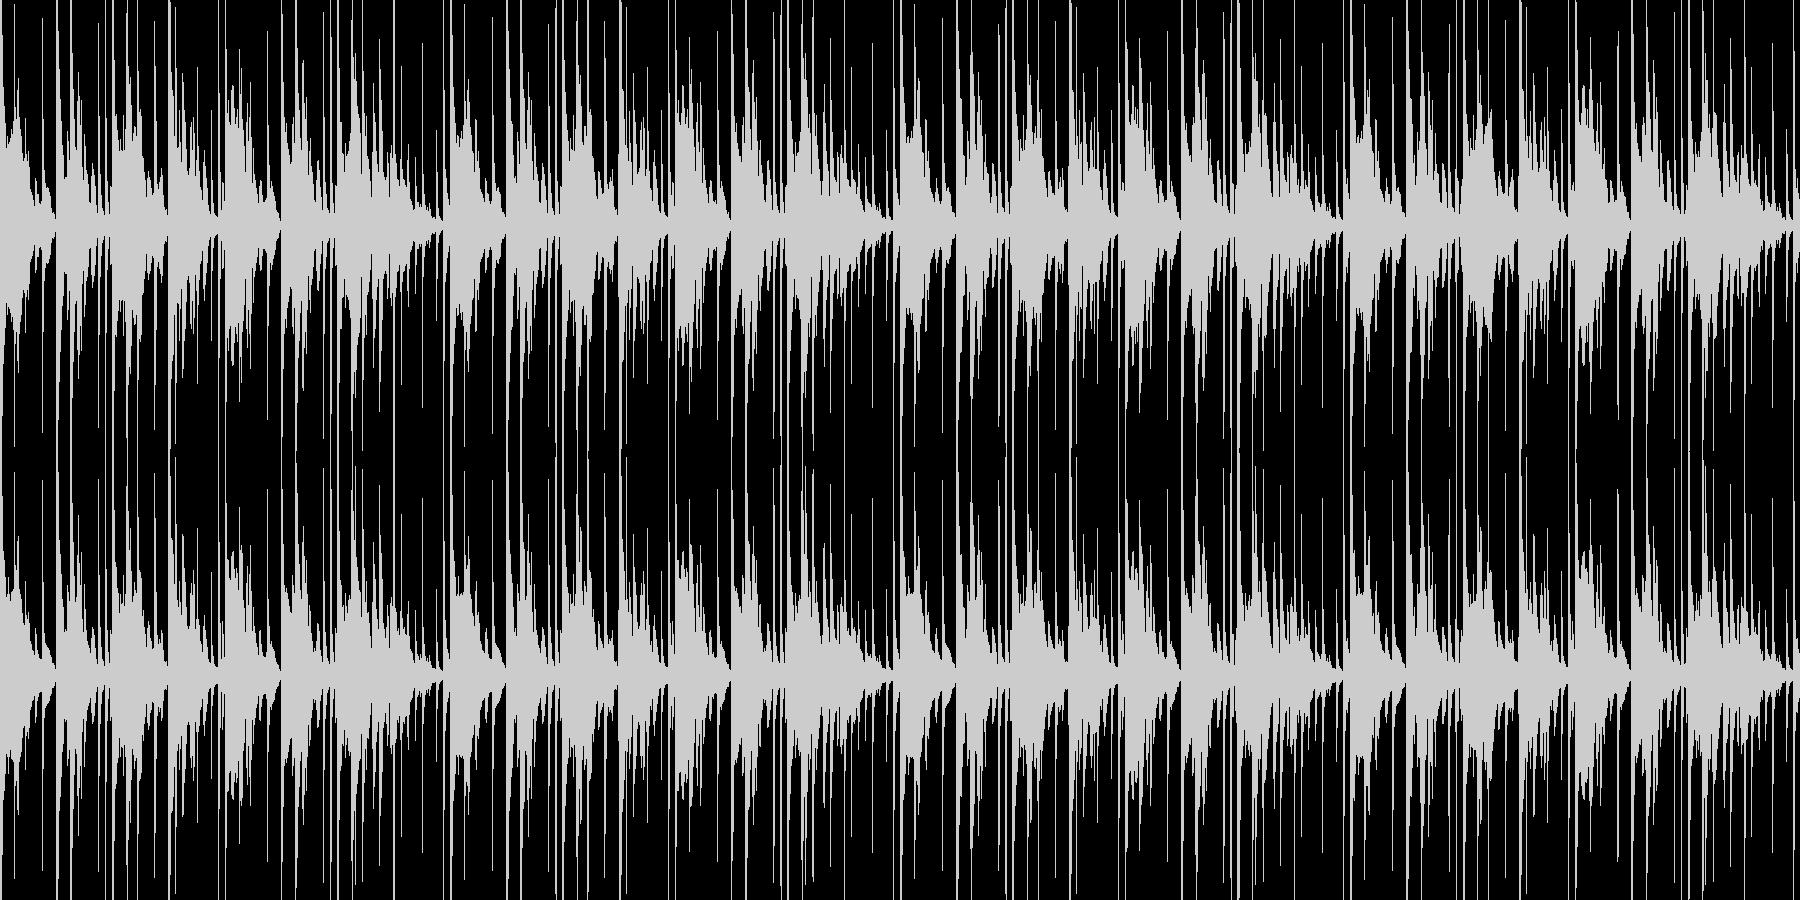 軽快なアルトサックスのループ素材の未再生の波形